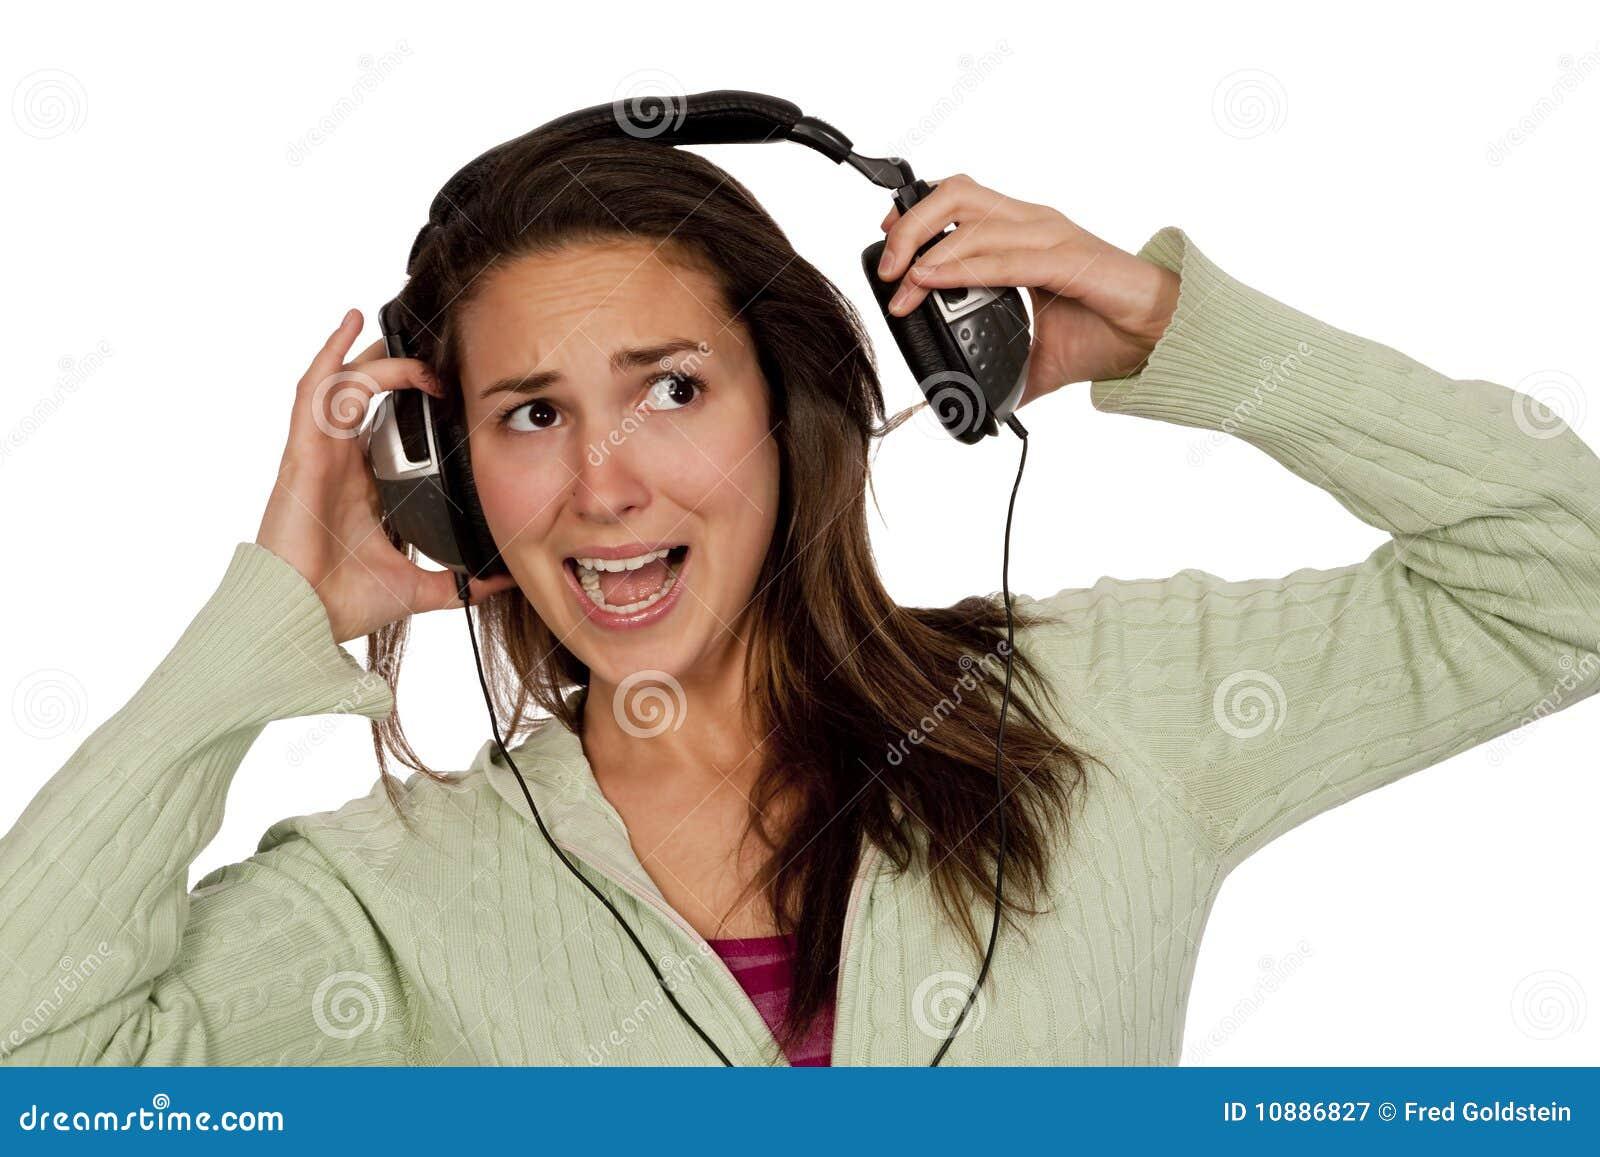 Что будет если громко слушать музыку 9 фотография